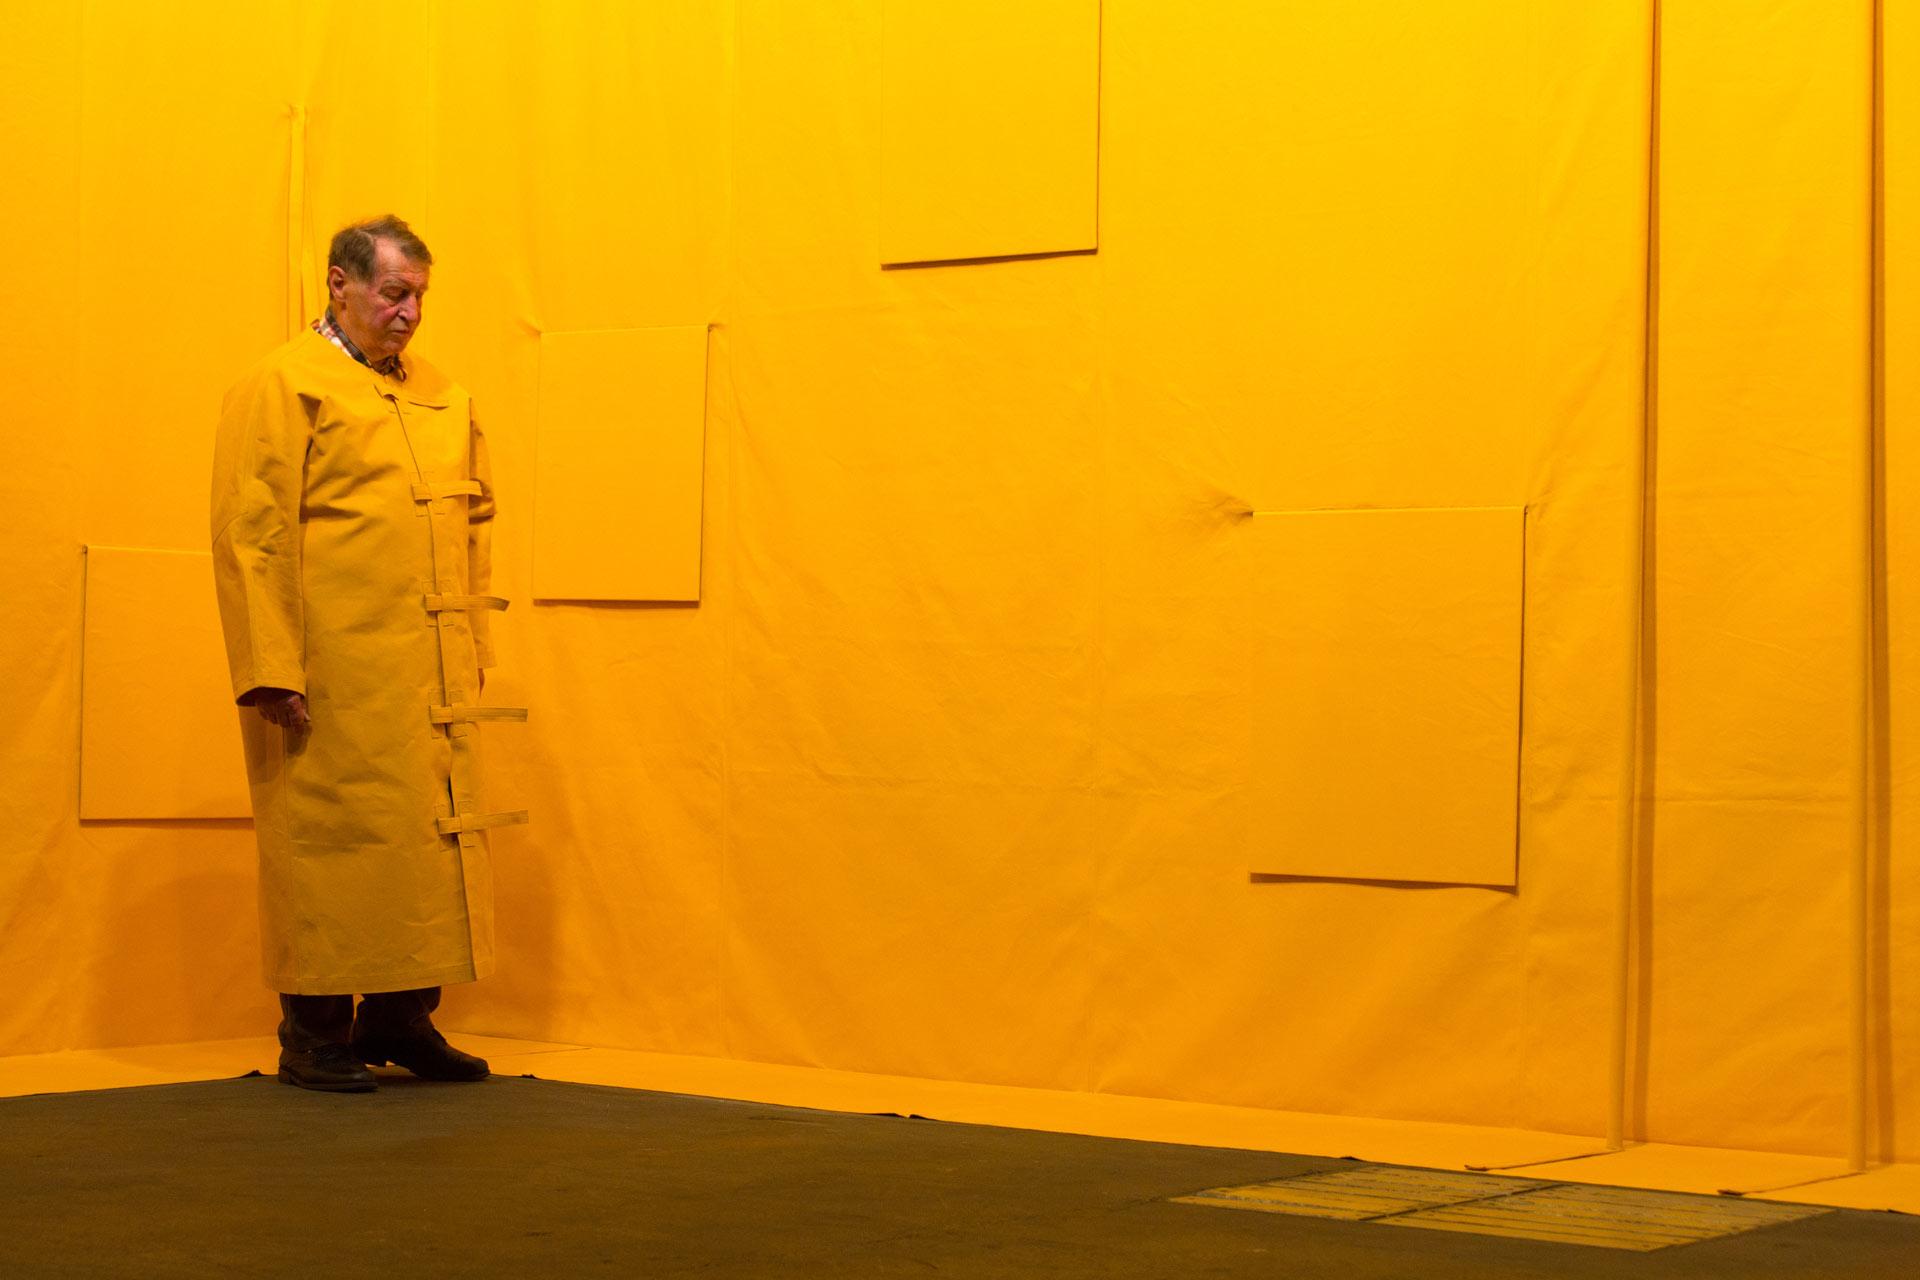 """Art Unlimited 2015: Franz Erhard Walther, """"Wallformation Gelbmodellierung"""", 1980-81 – The artist in use of his sculpture -  """"Sie dürfen sich anlehnen!"""" Frankfurter Allgemeine Zeitung 16.05.2017"""